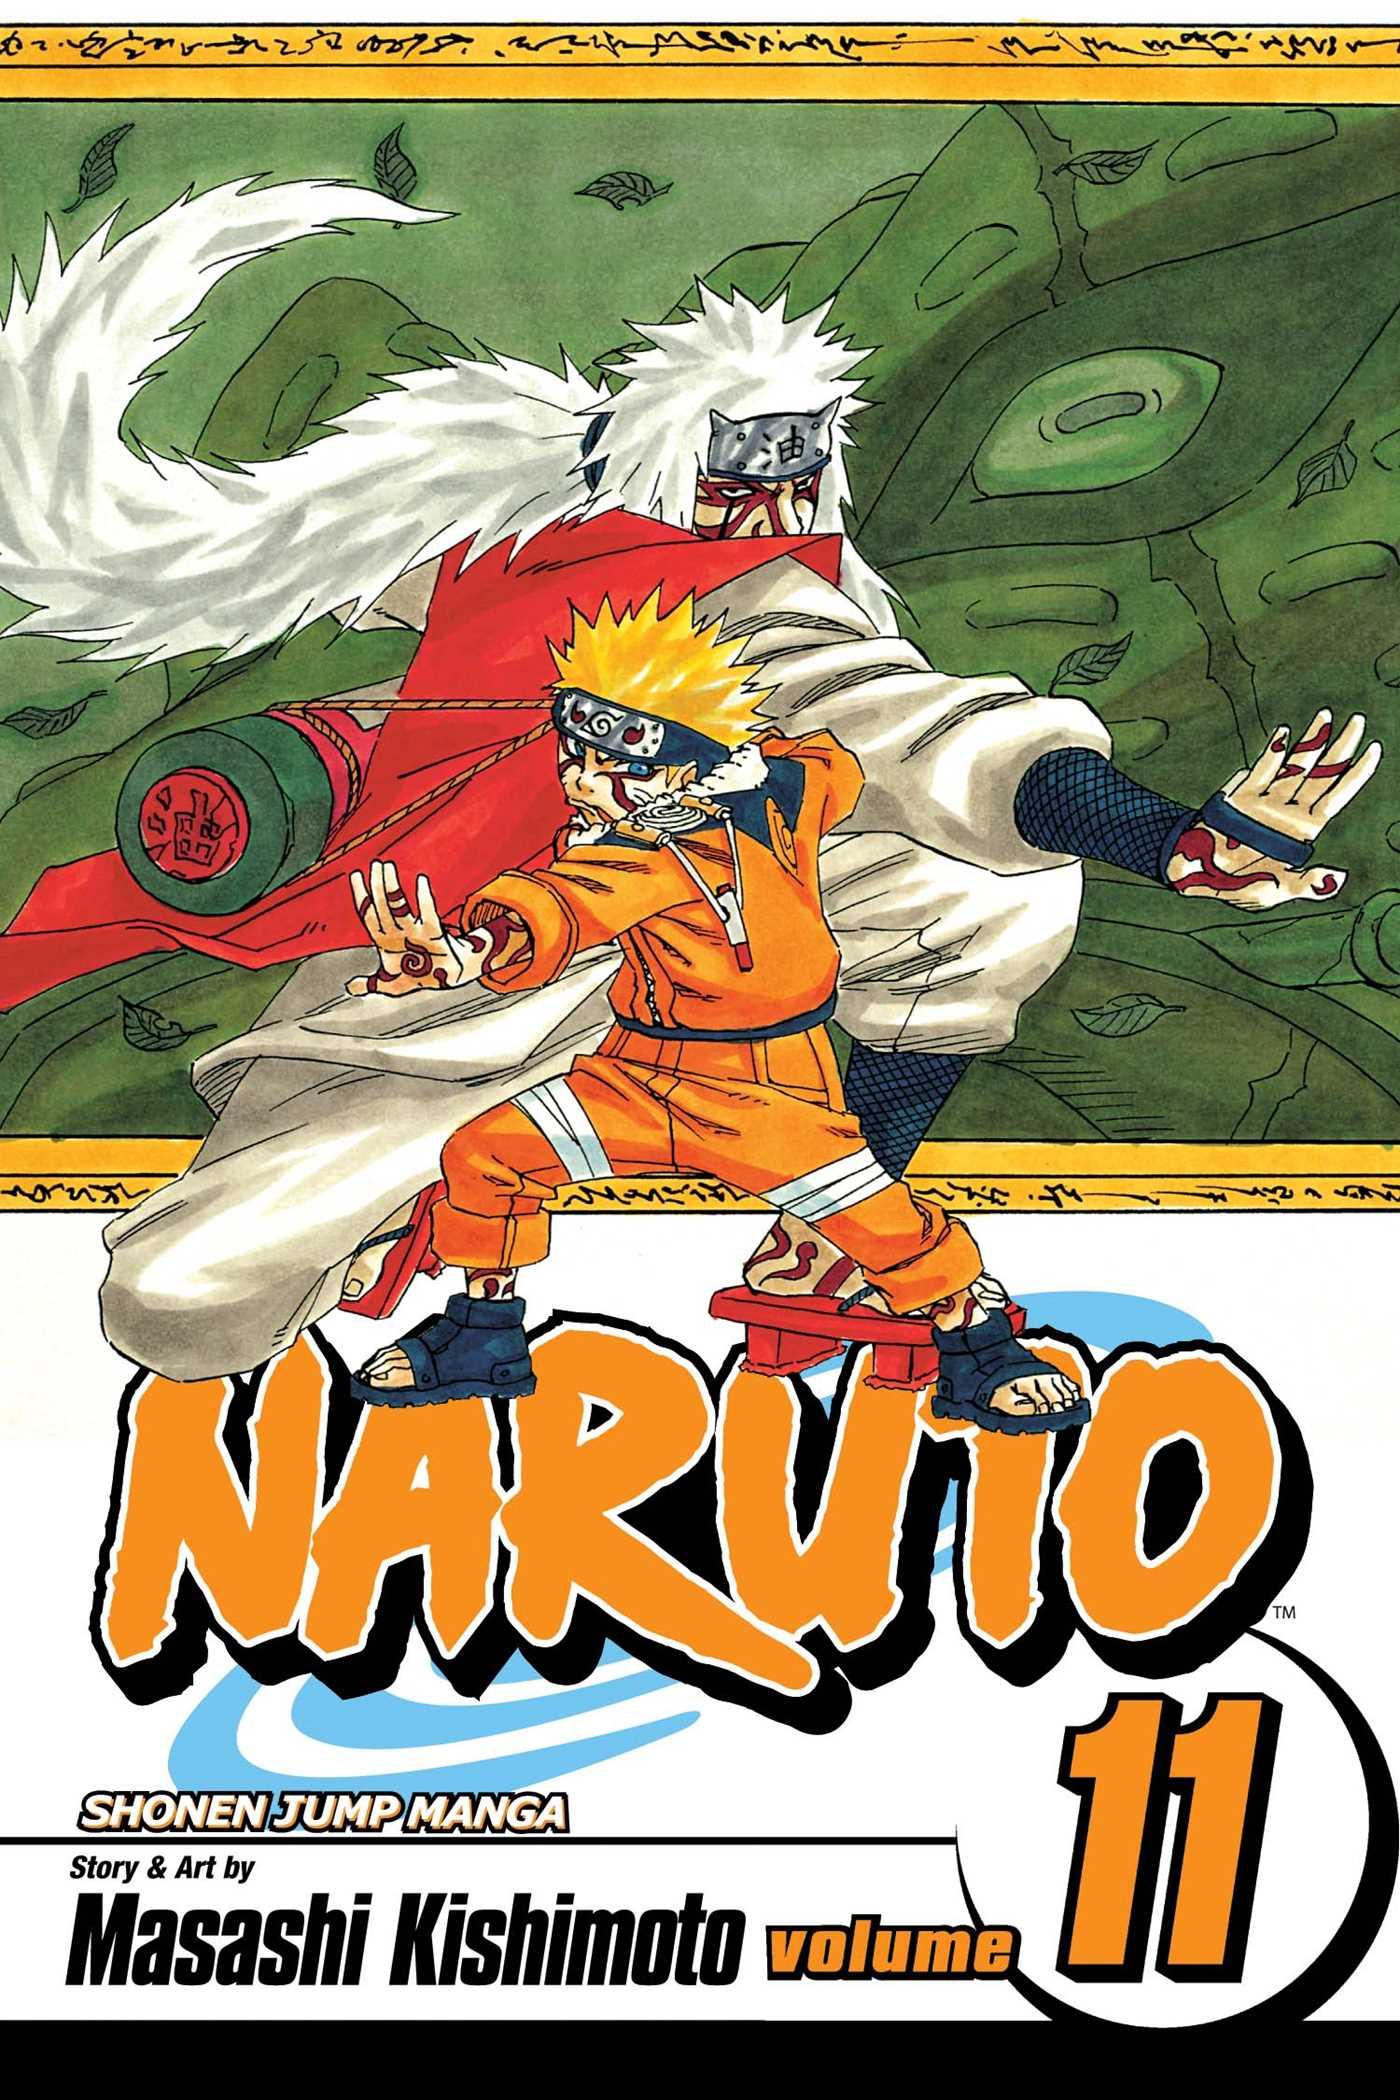 Naruto, Vol. 11 | Book by Masashi Kishimoto | Official